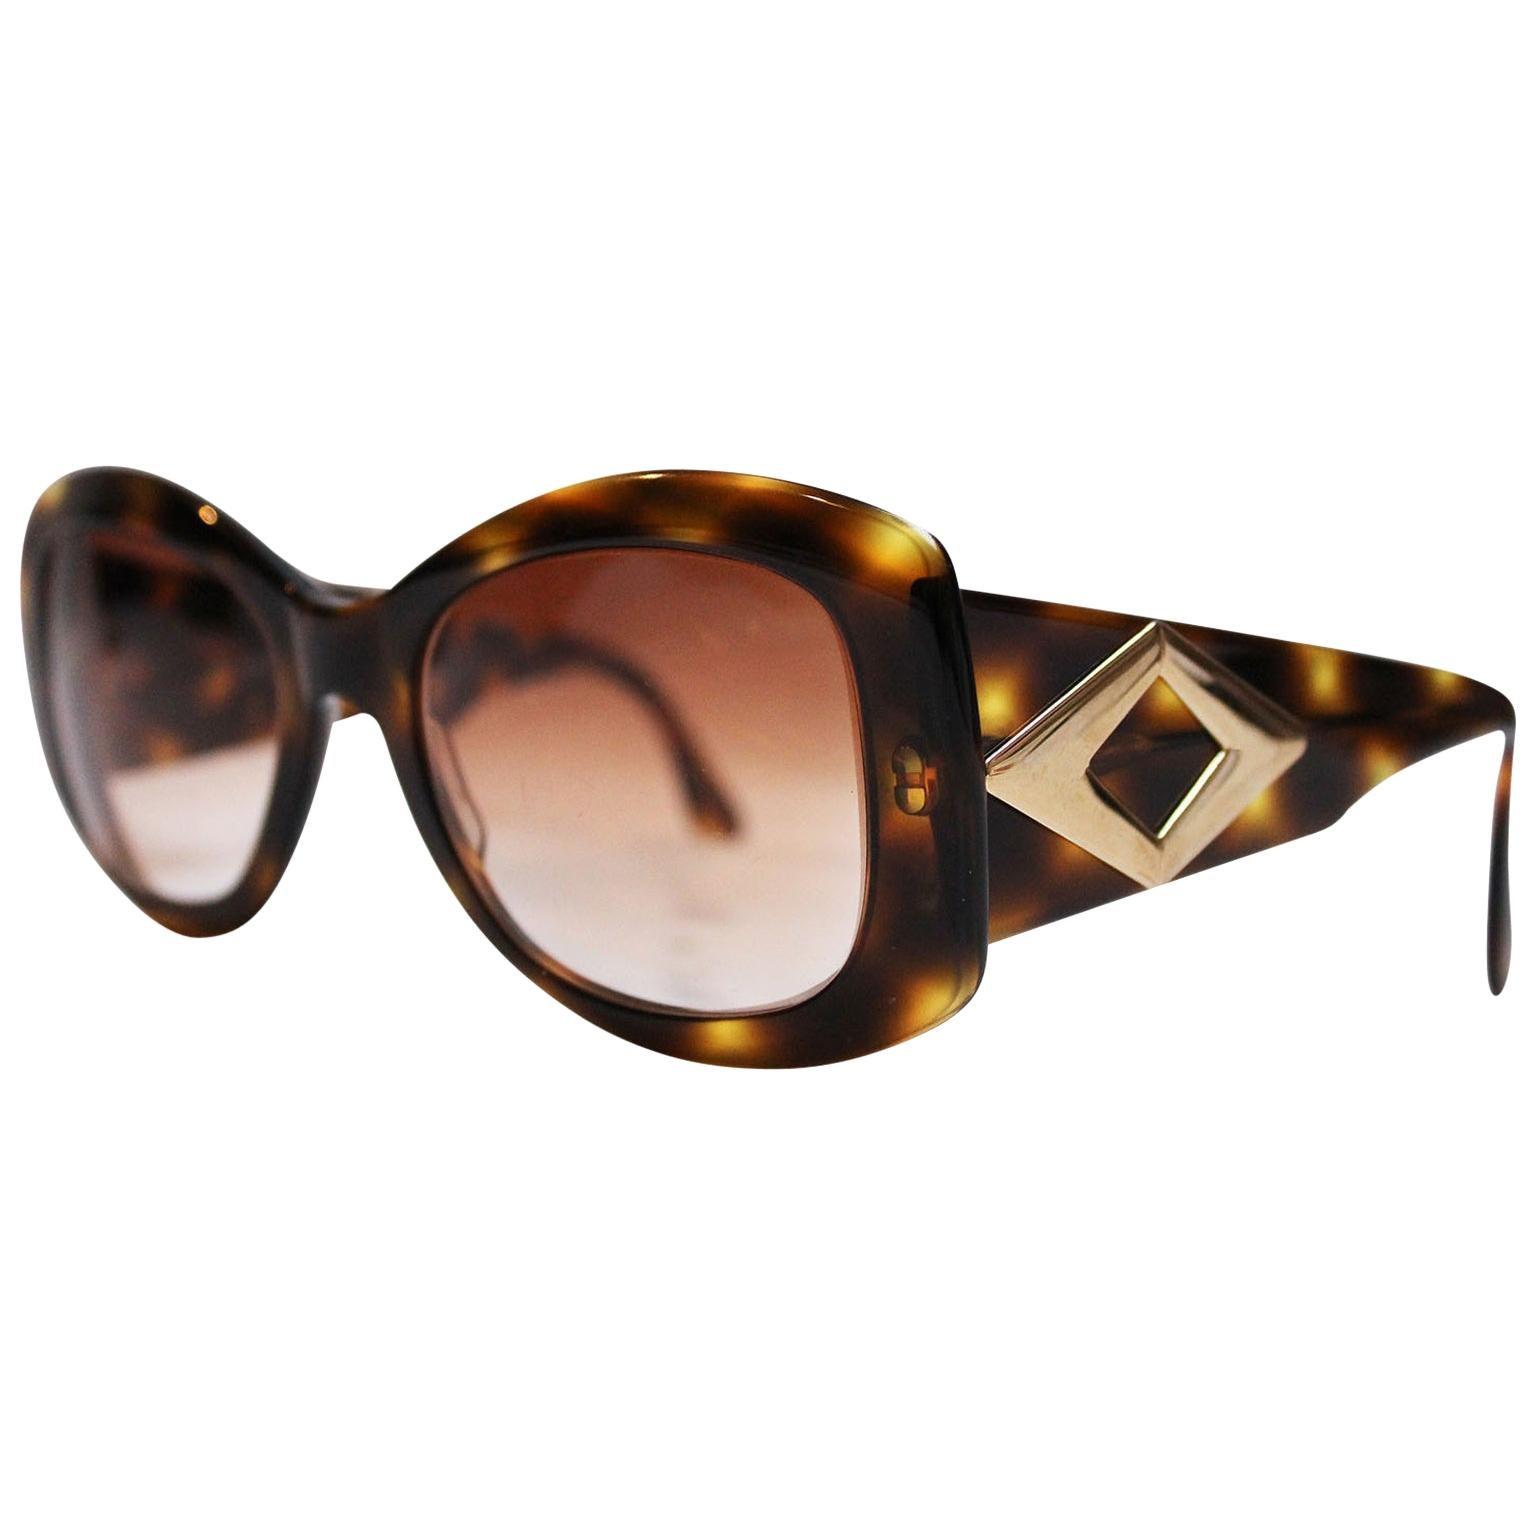 Valentino Tortoiseshell Sunglasses, 1980s